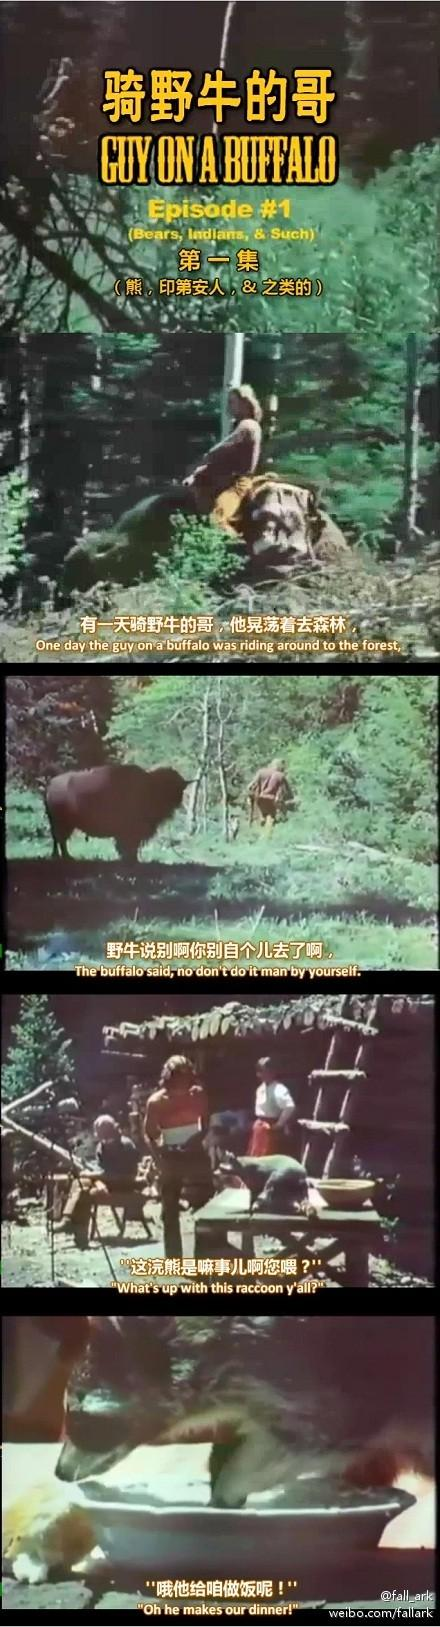 美式无厘头神剧《骑野牛的哥》(Guy On A Buffalo)